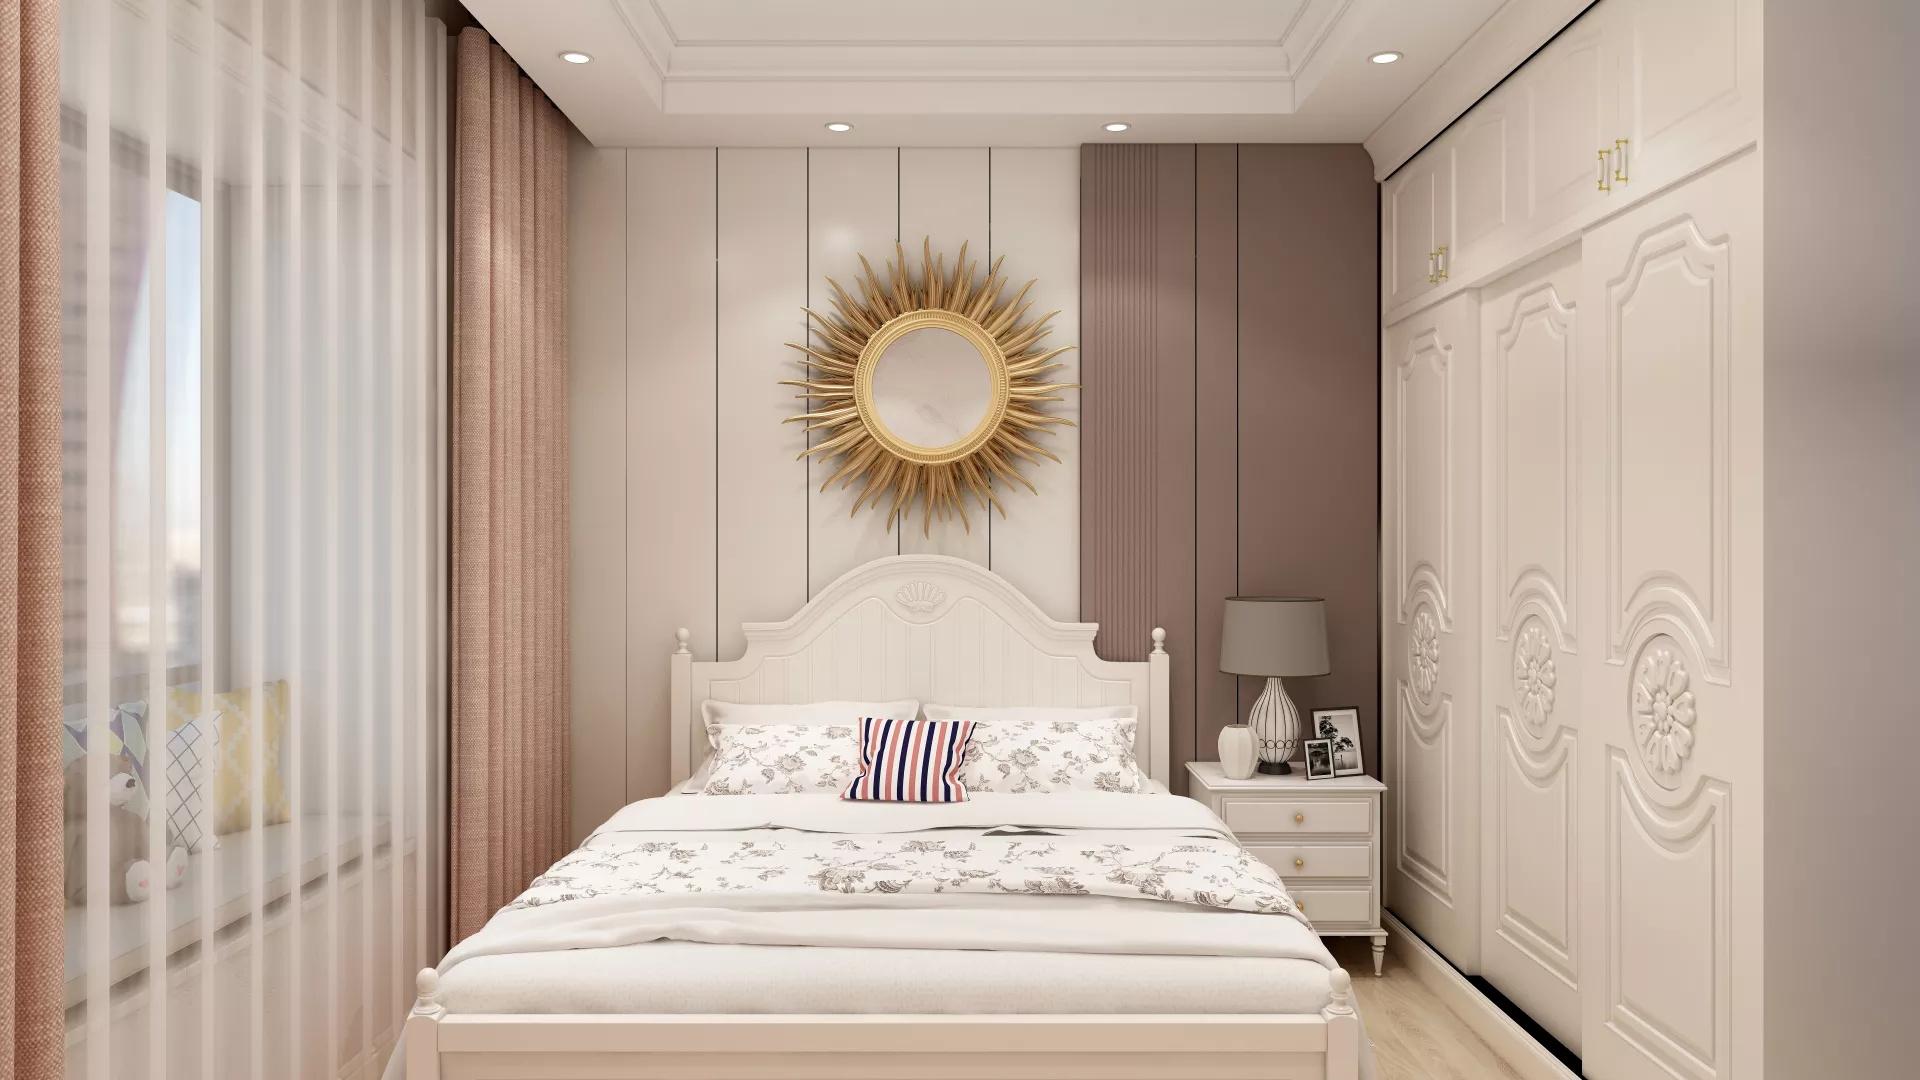 温馨舒适风格客厅装修效果图